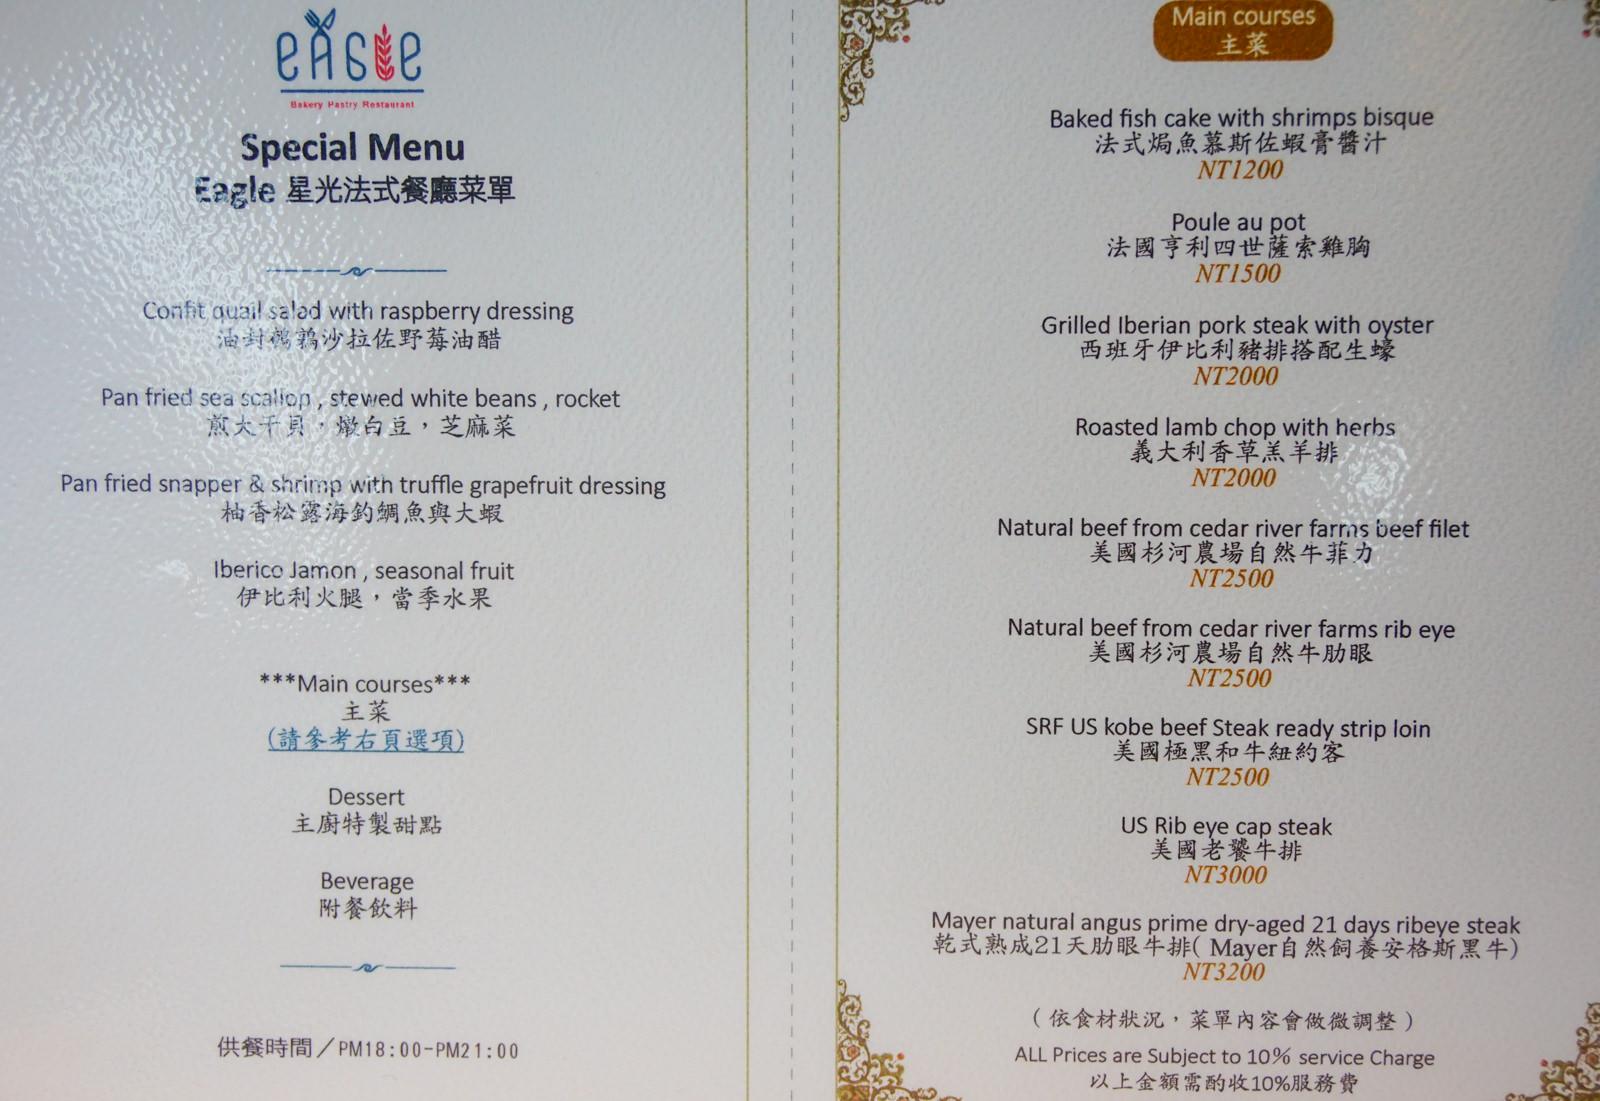 [高雄]Eagle義來藝去義法餐廳-浪漫玻璃屋星光餐廳! 高質感義法料理 2016米其林餐會隆重登場 高雄約會餐廳推薦 @美食好芃友